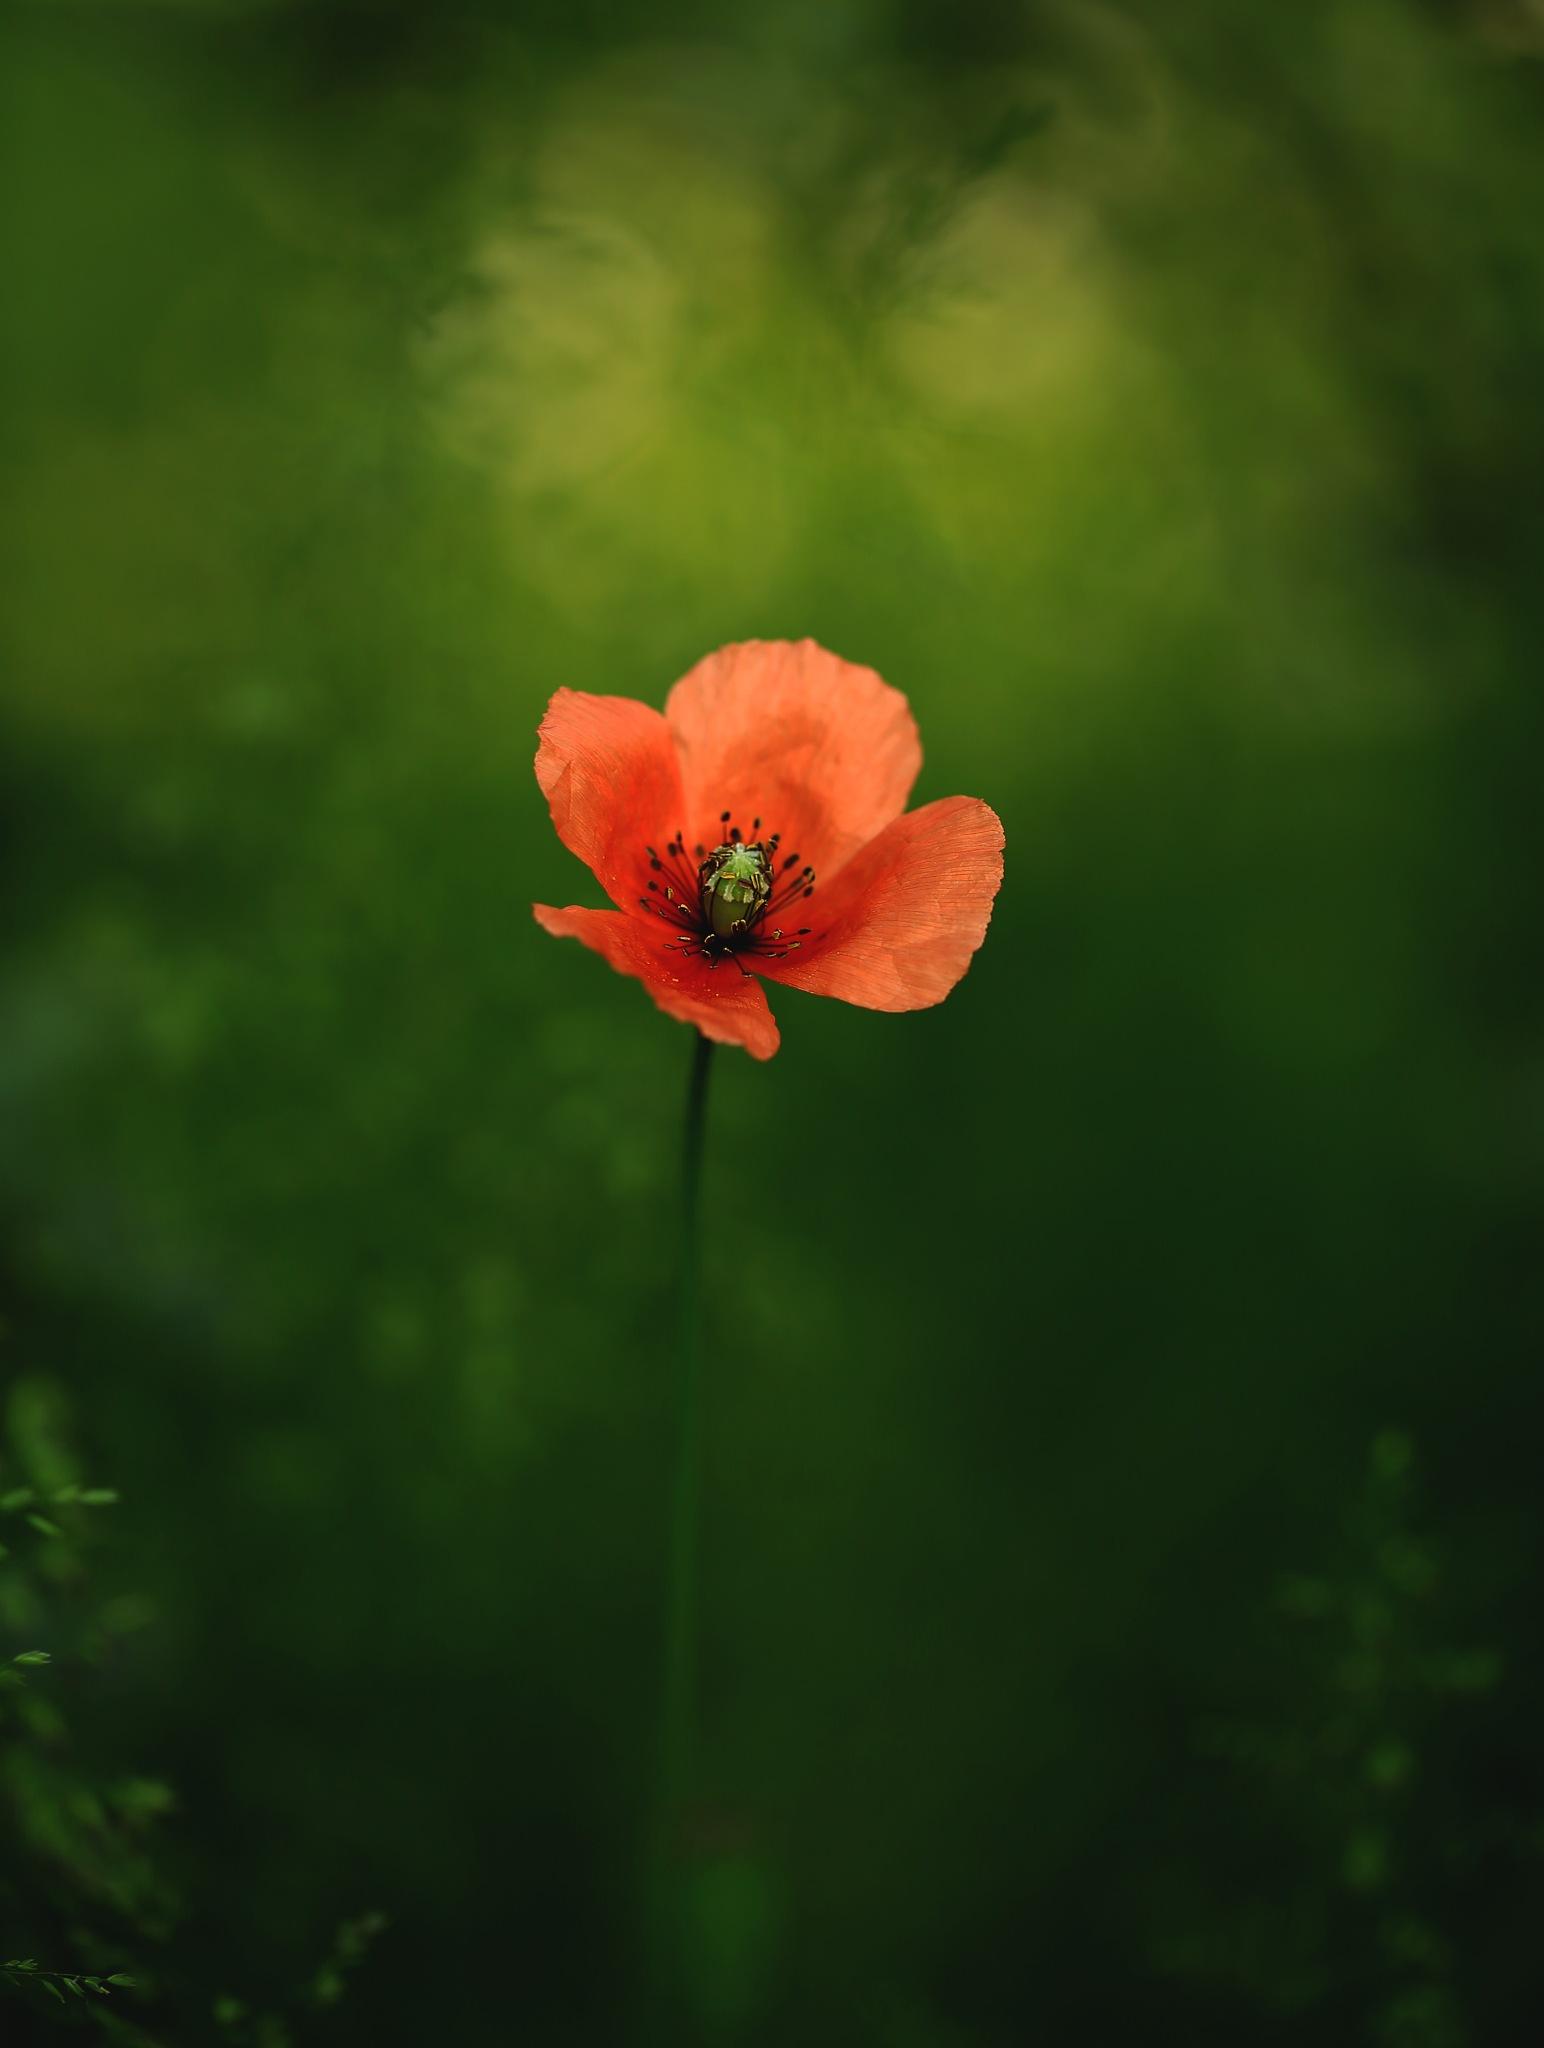 The poppy  by Lena Schöld